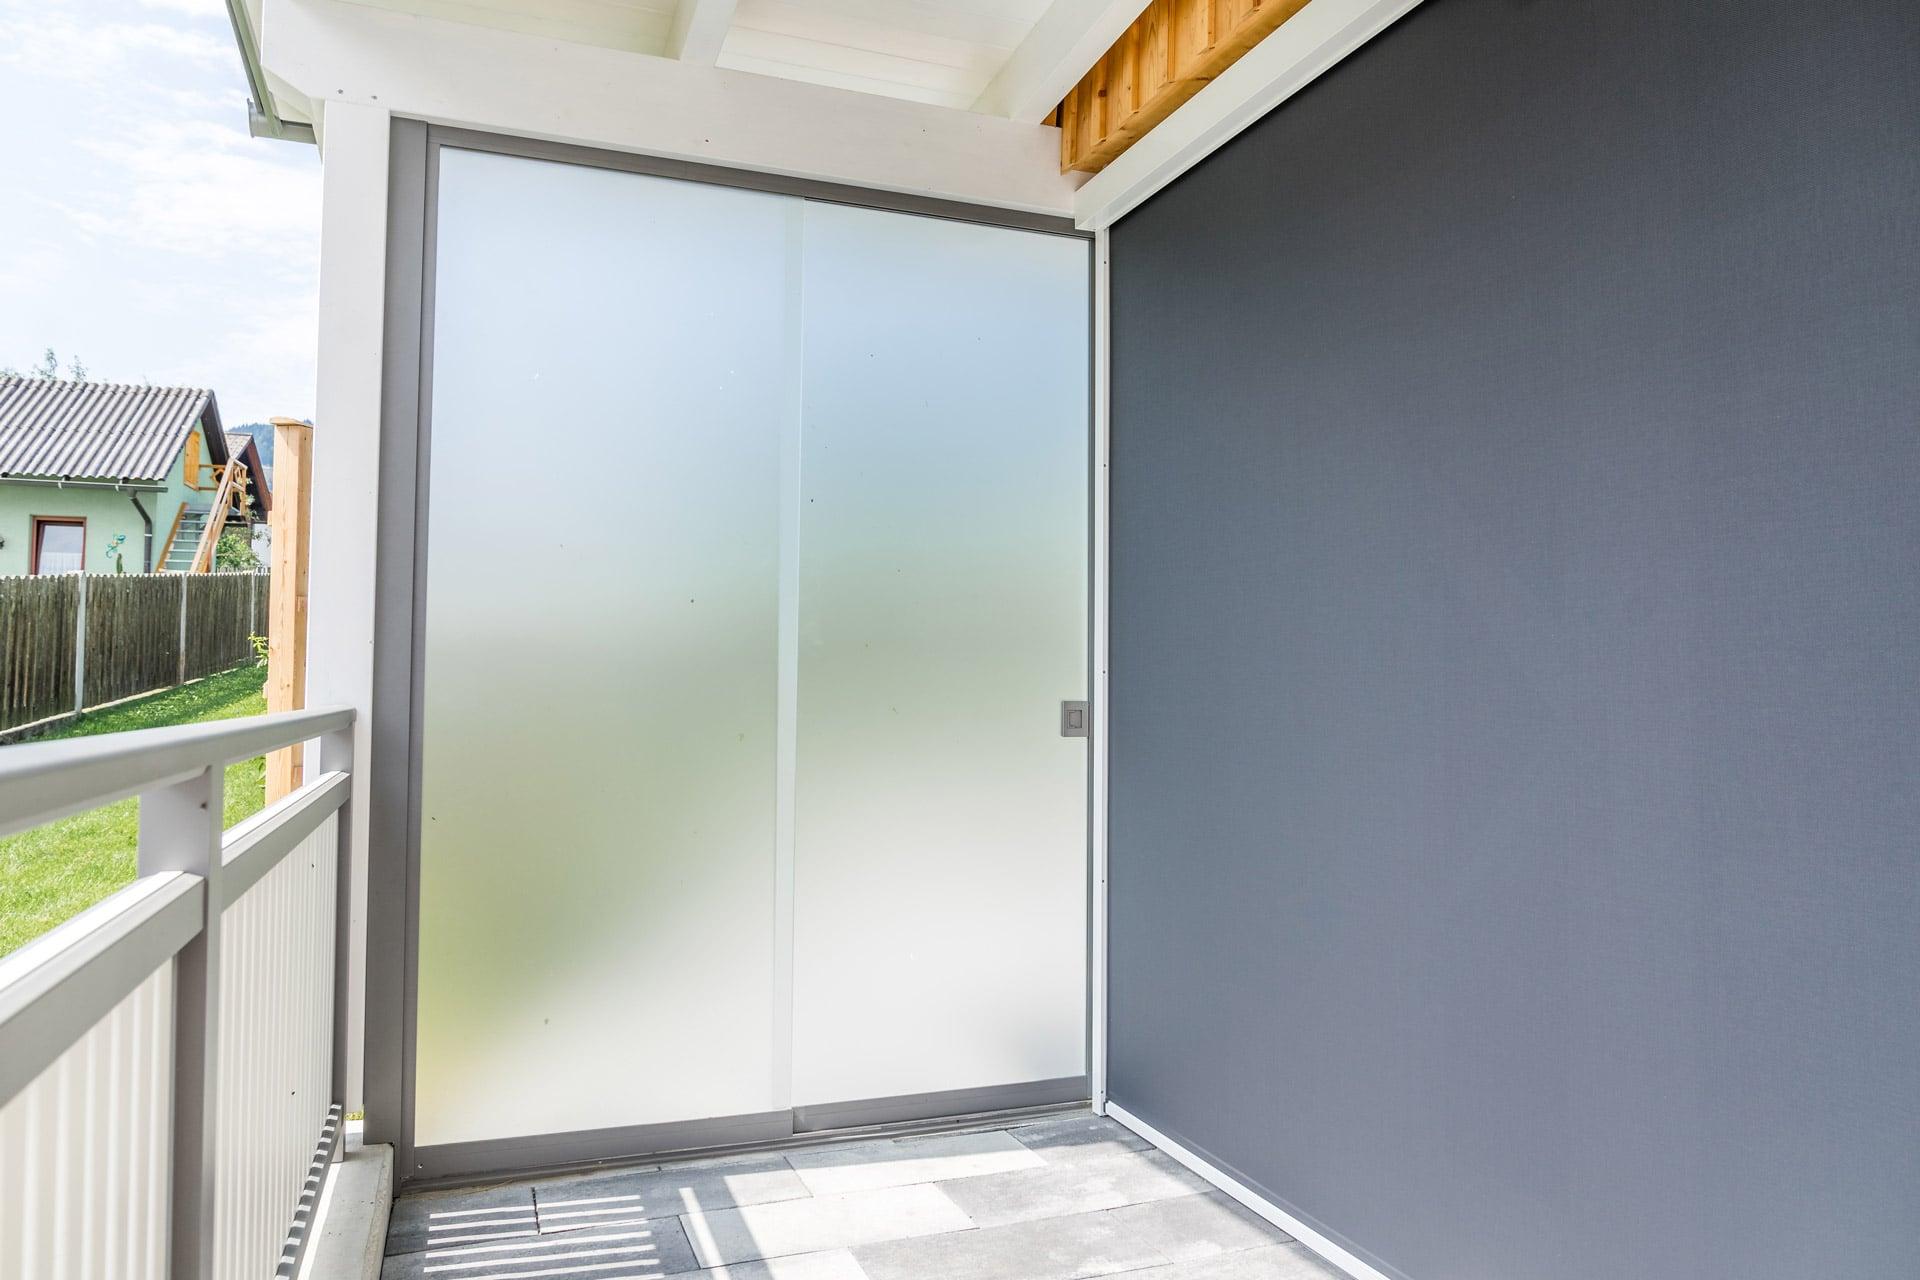 S 06 a | Glasschiebetür im Außenbereich mit Milchglas, zweigleisiges Schiebesystem | Svoboda